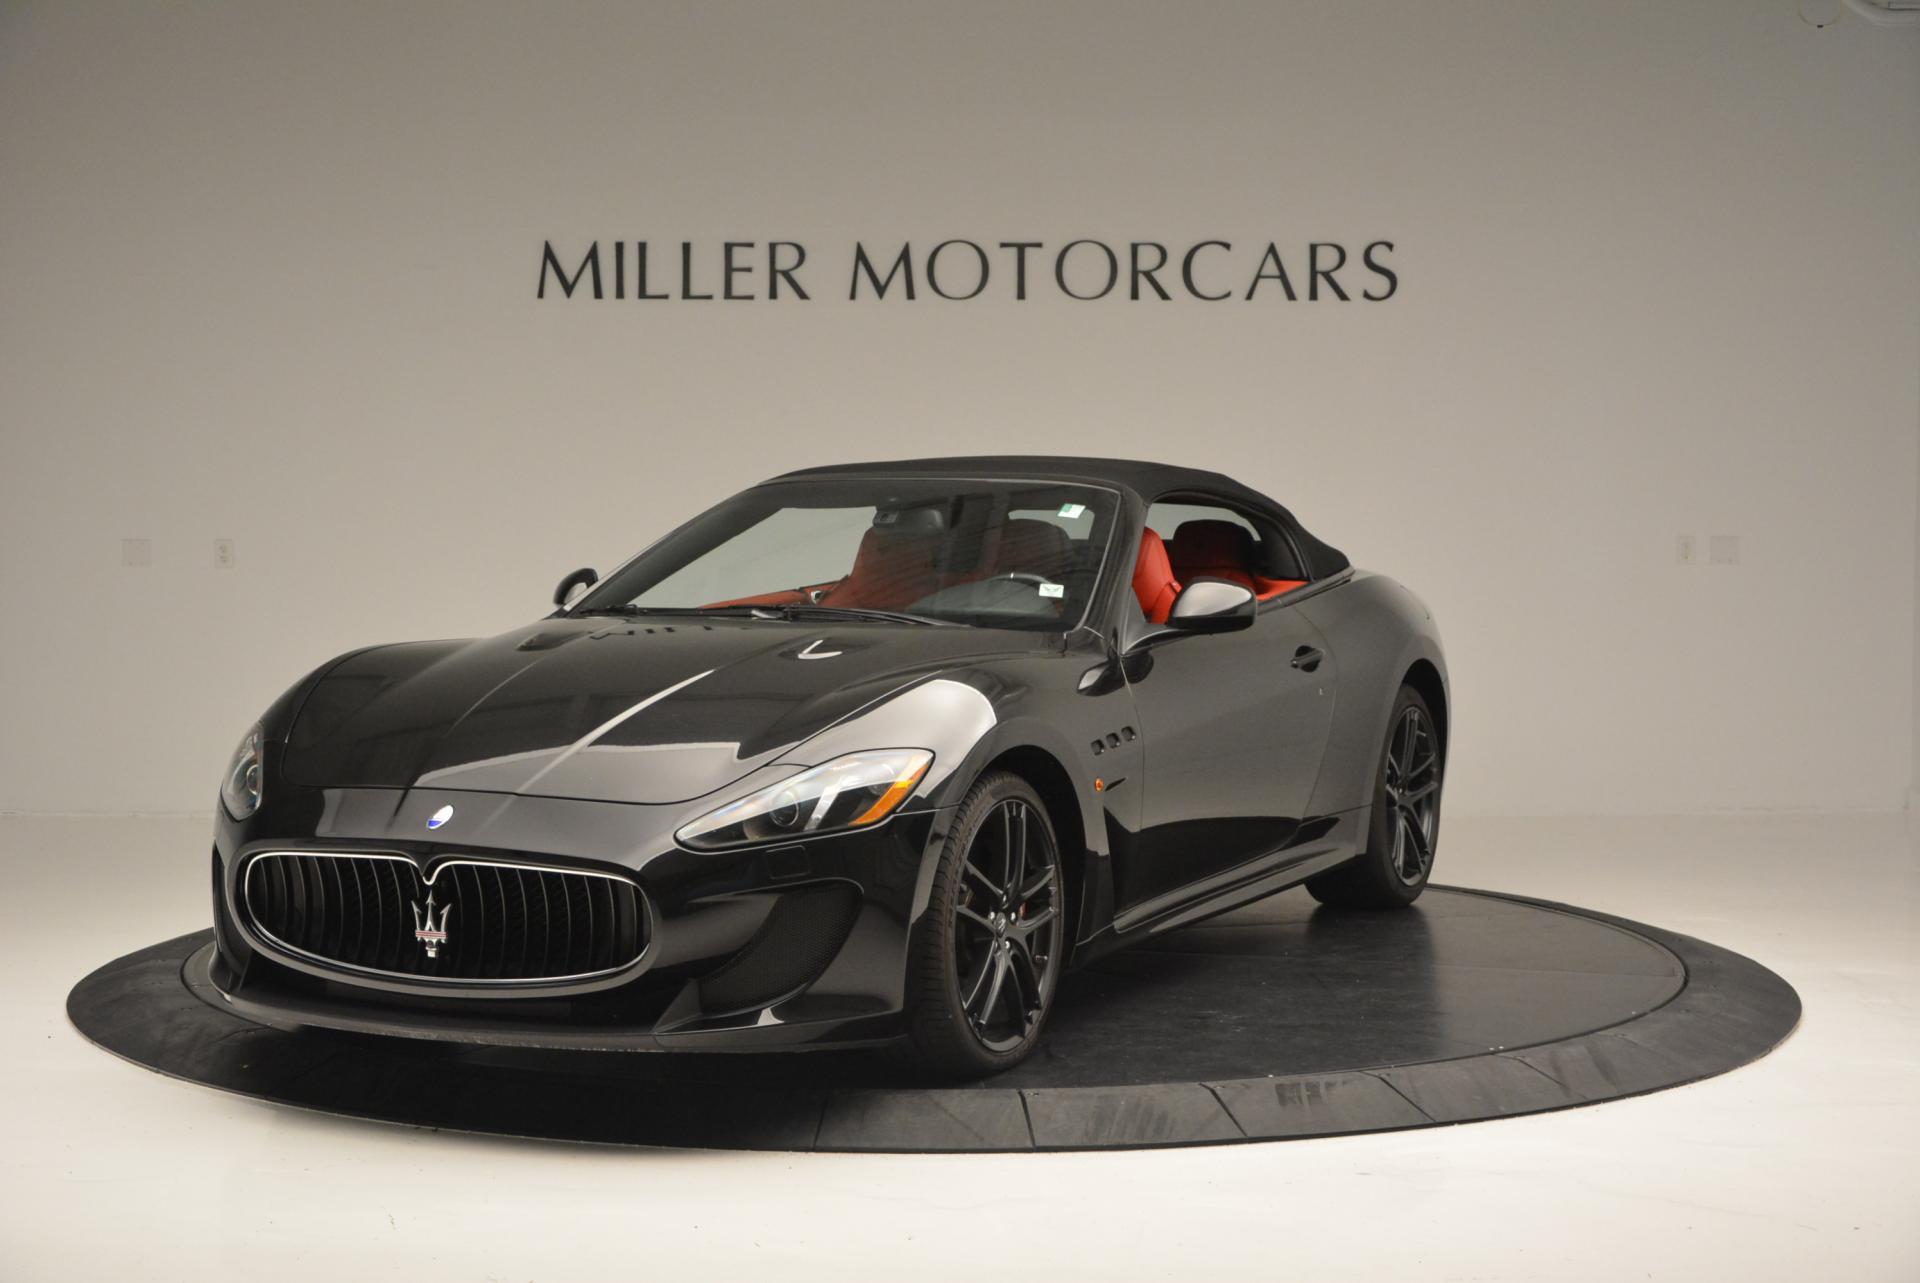 Used 2013 Maserati GranTurismo MC For Sale In Westport, CT 521_p13